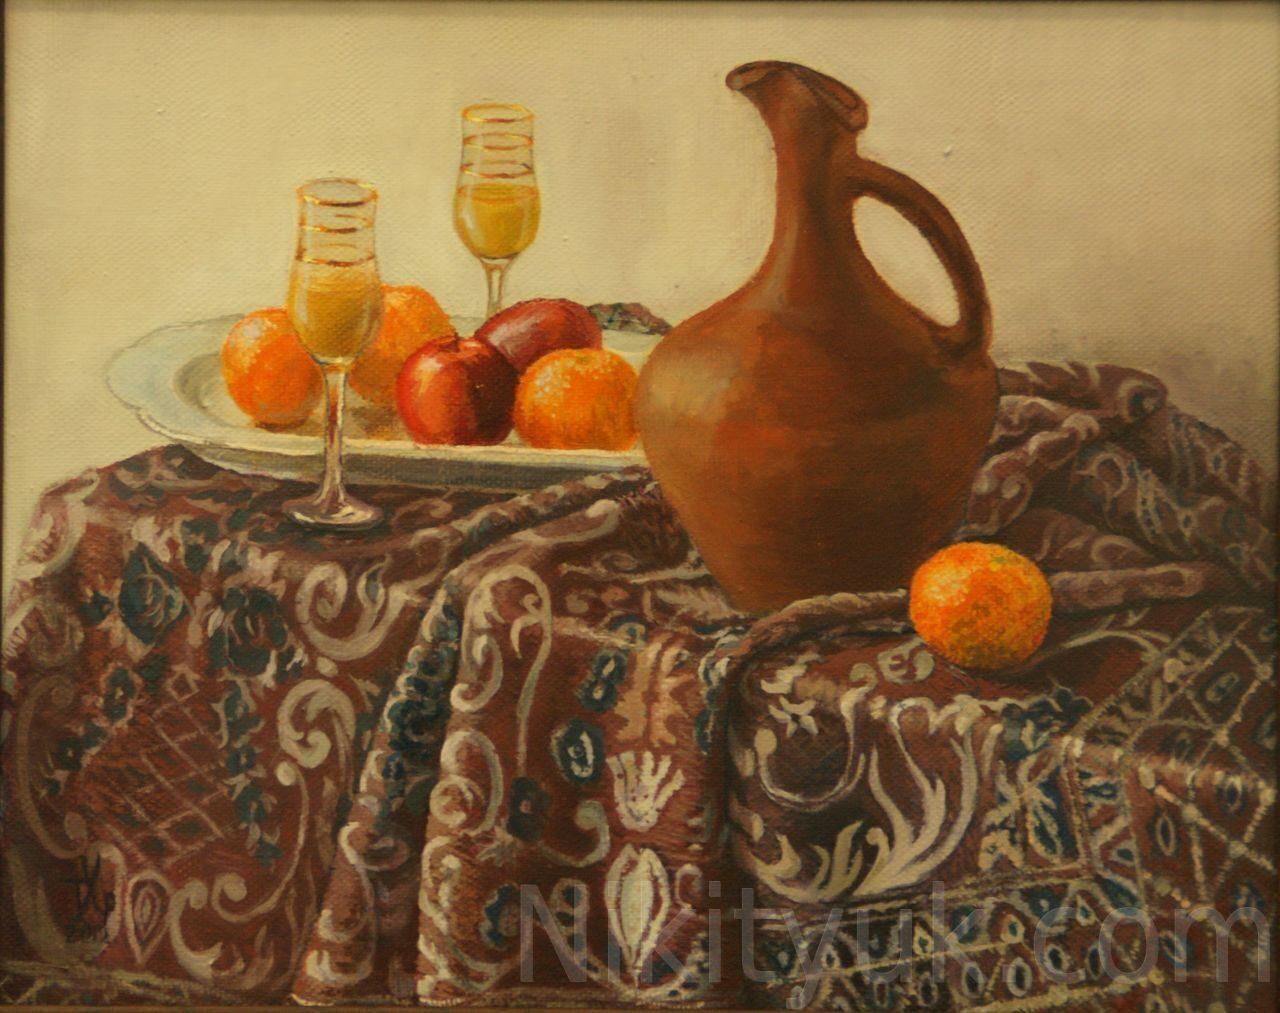 Татьяна Хрущёва 52 года, второй год обучения. Натюрморт с апельсинами, х.м., 40х50см